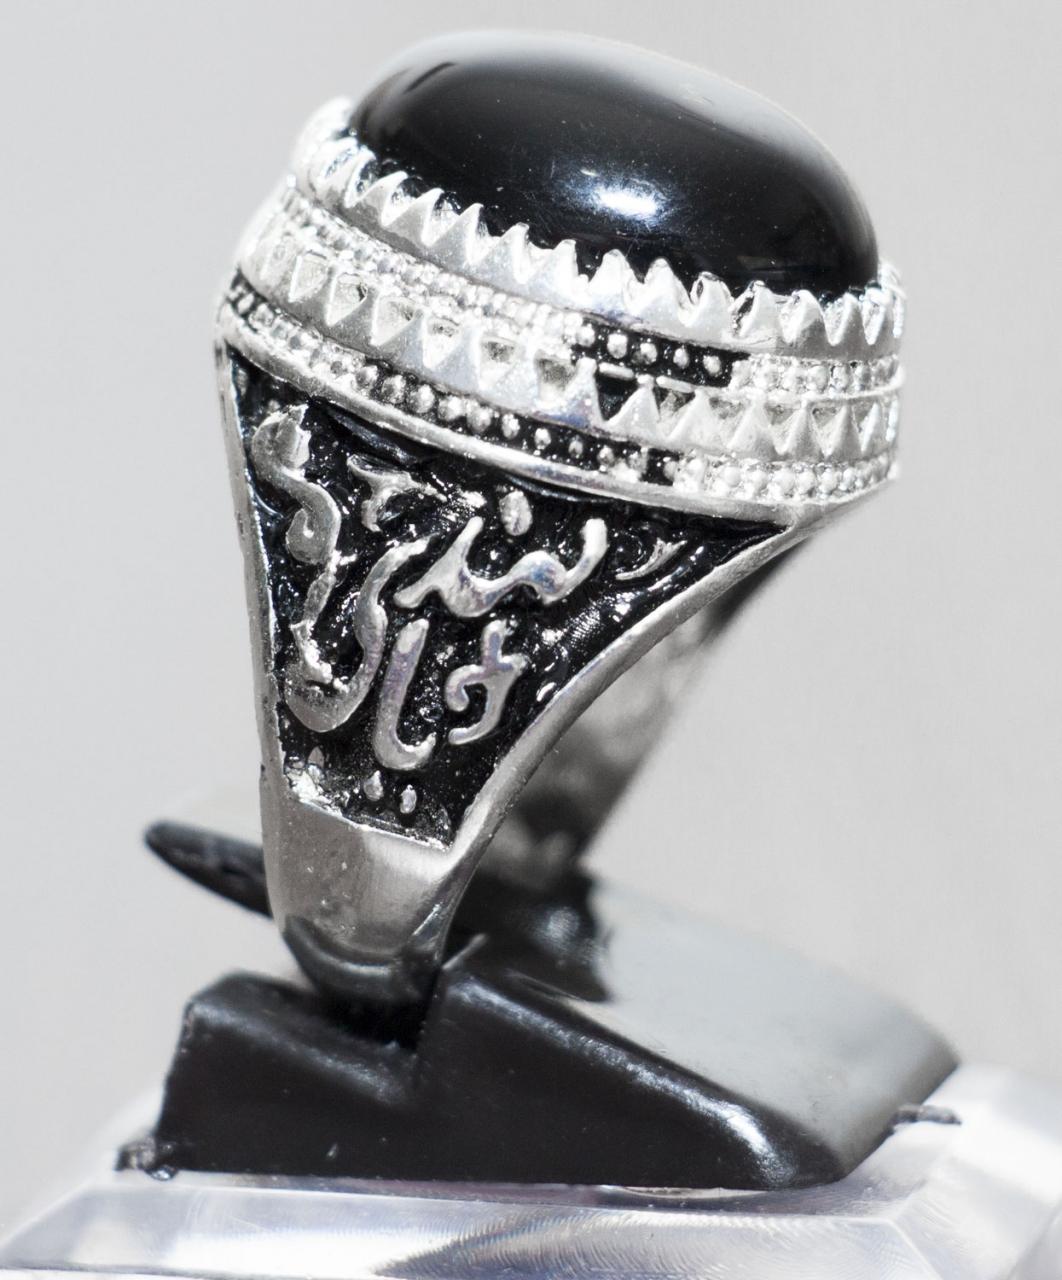 Herren Aqiq Ring Khorasani Stein in Schwarz oval graviert mit Ya Zahra, Ya Hussein